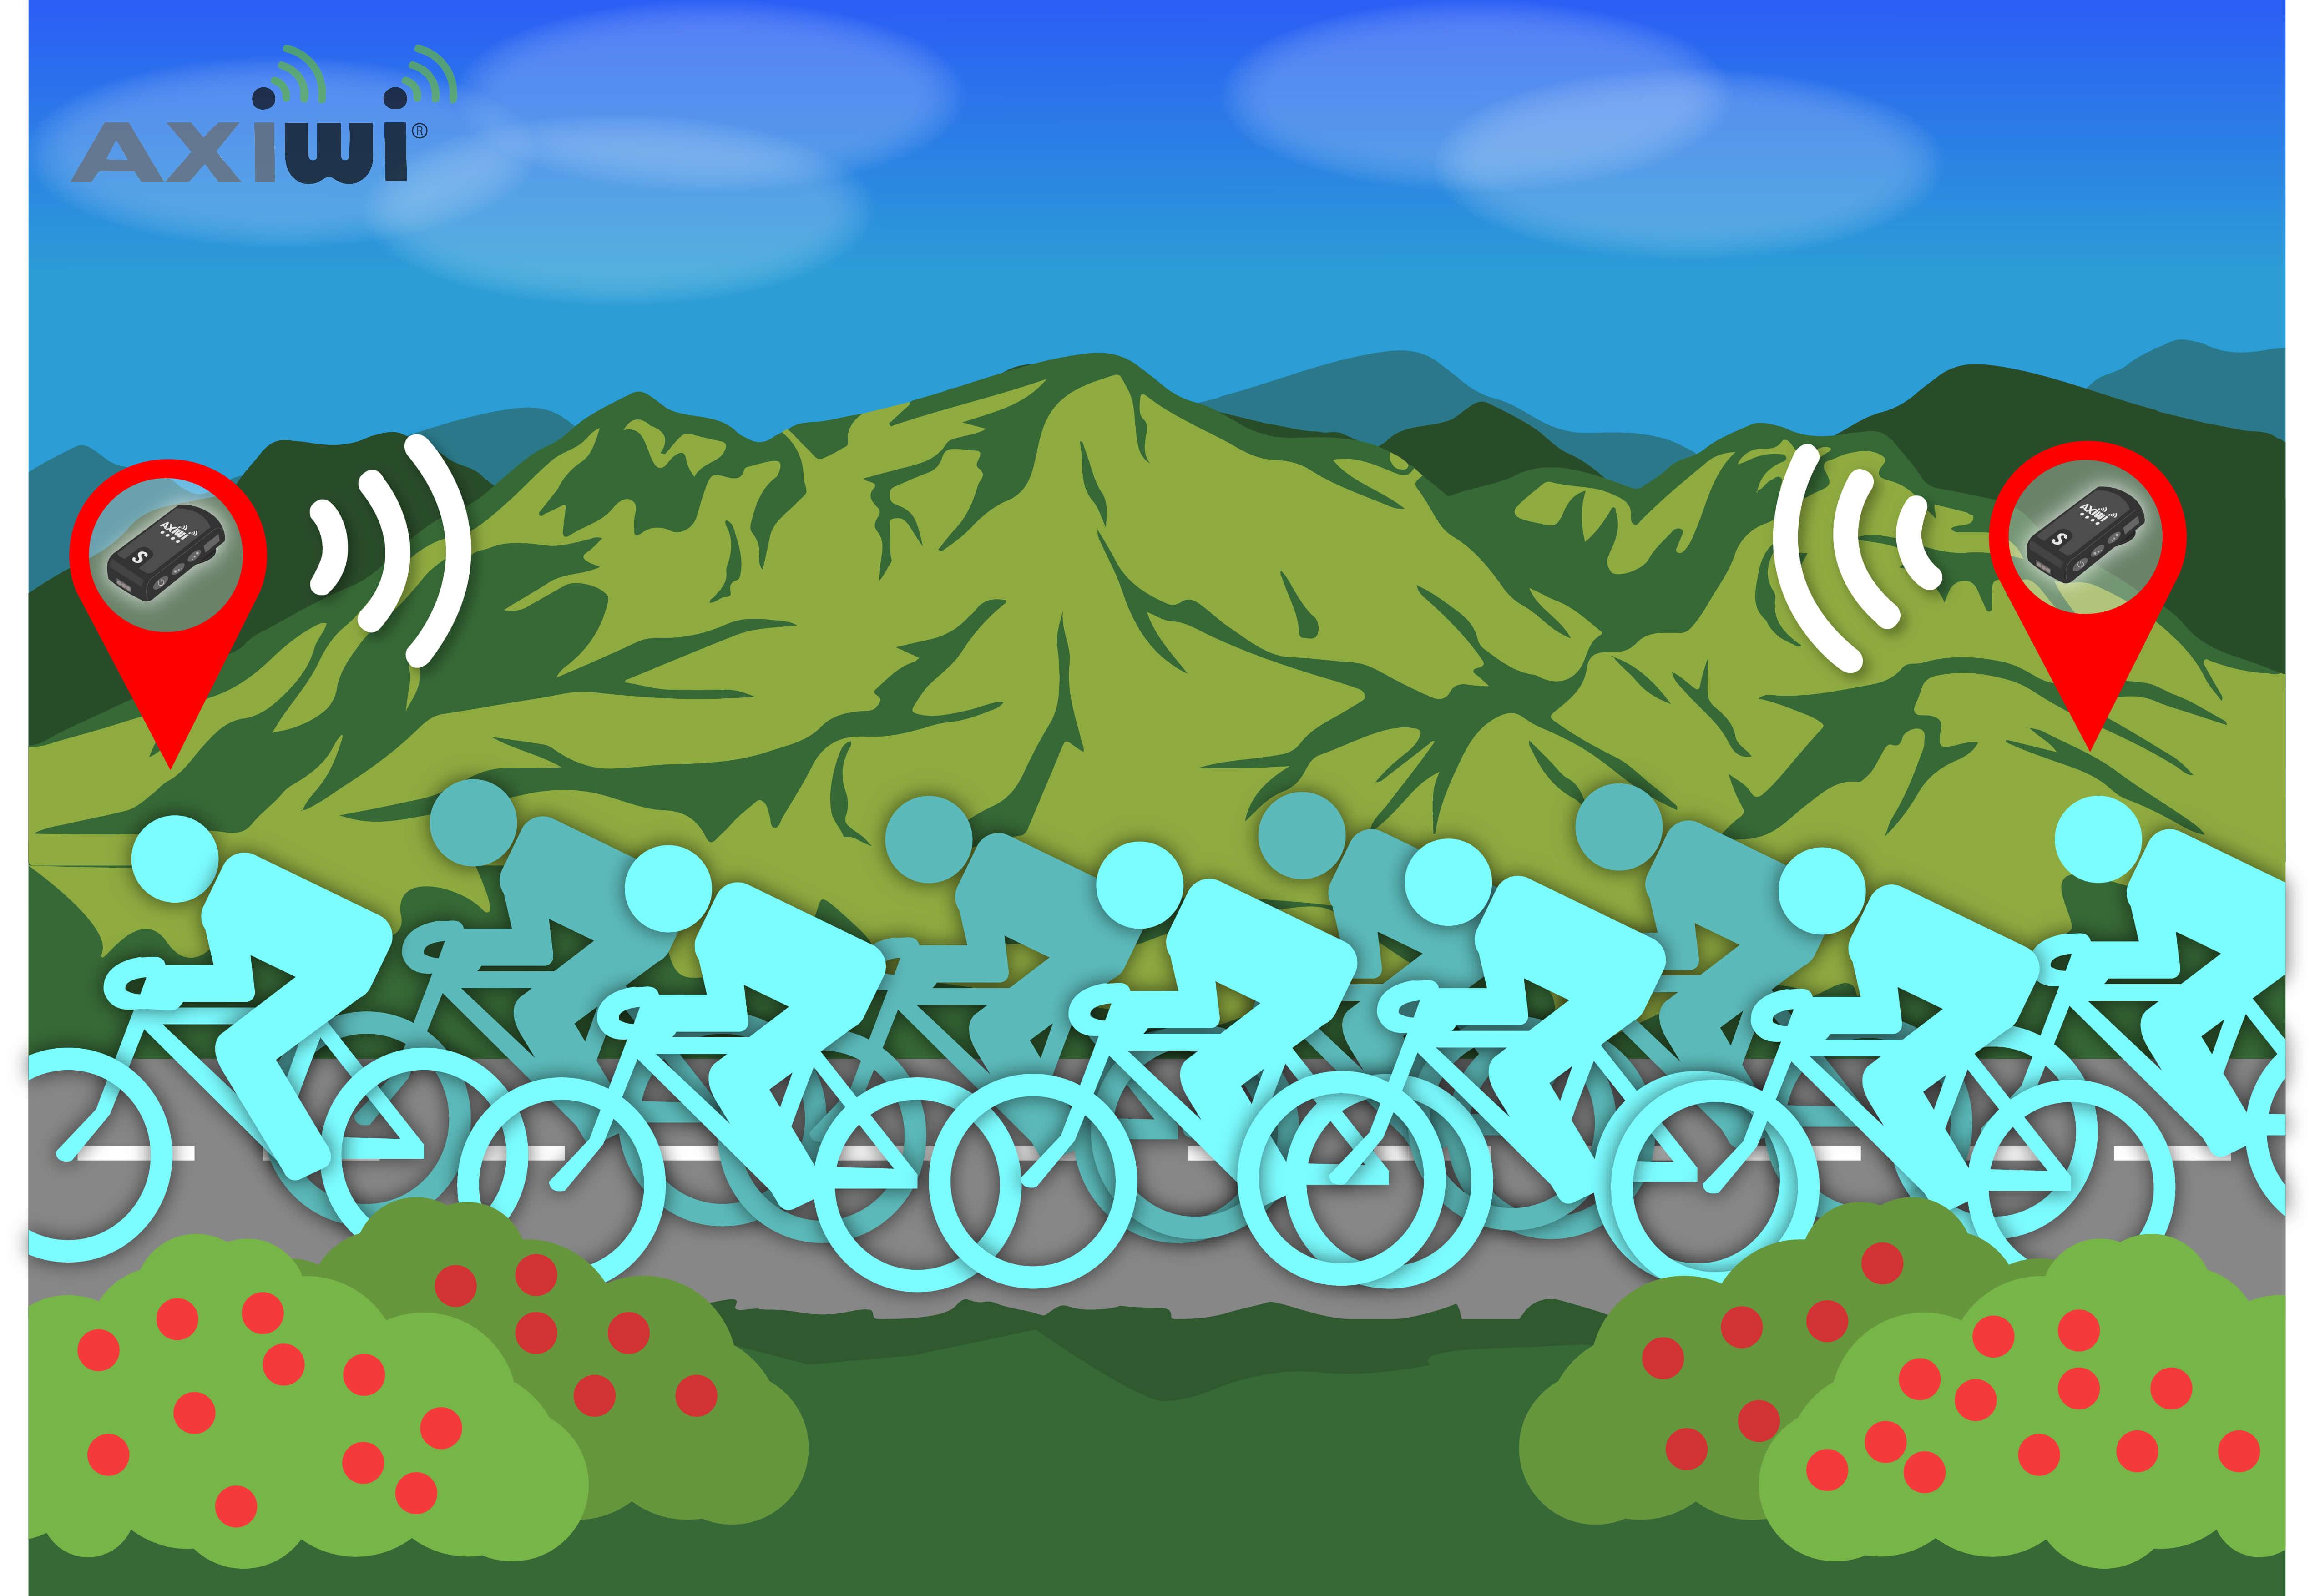 axiwi-communicatie-systeem-fietsen-groep